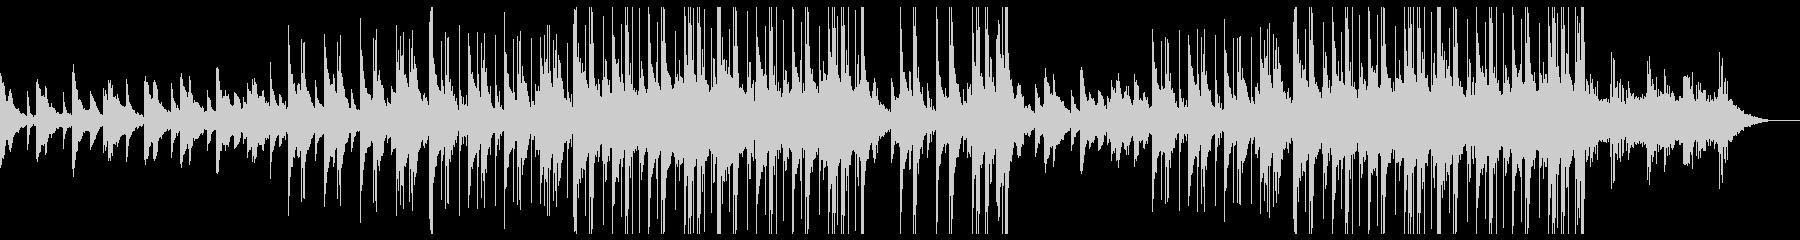 儚げなピアノの感動的トラップビートの未再生の波形